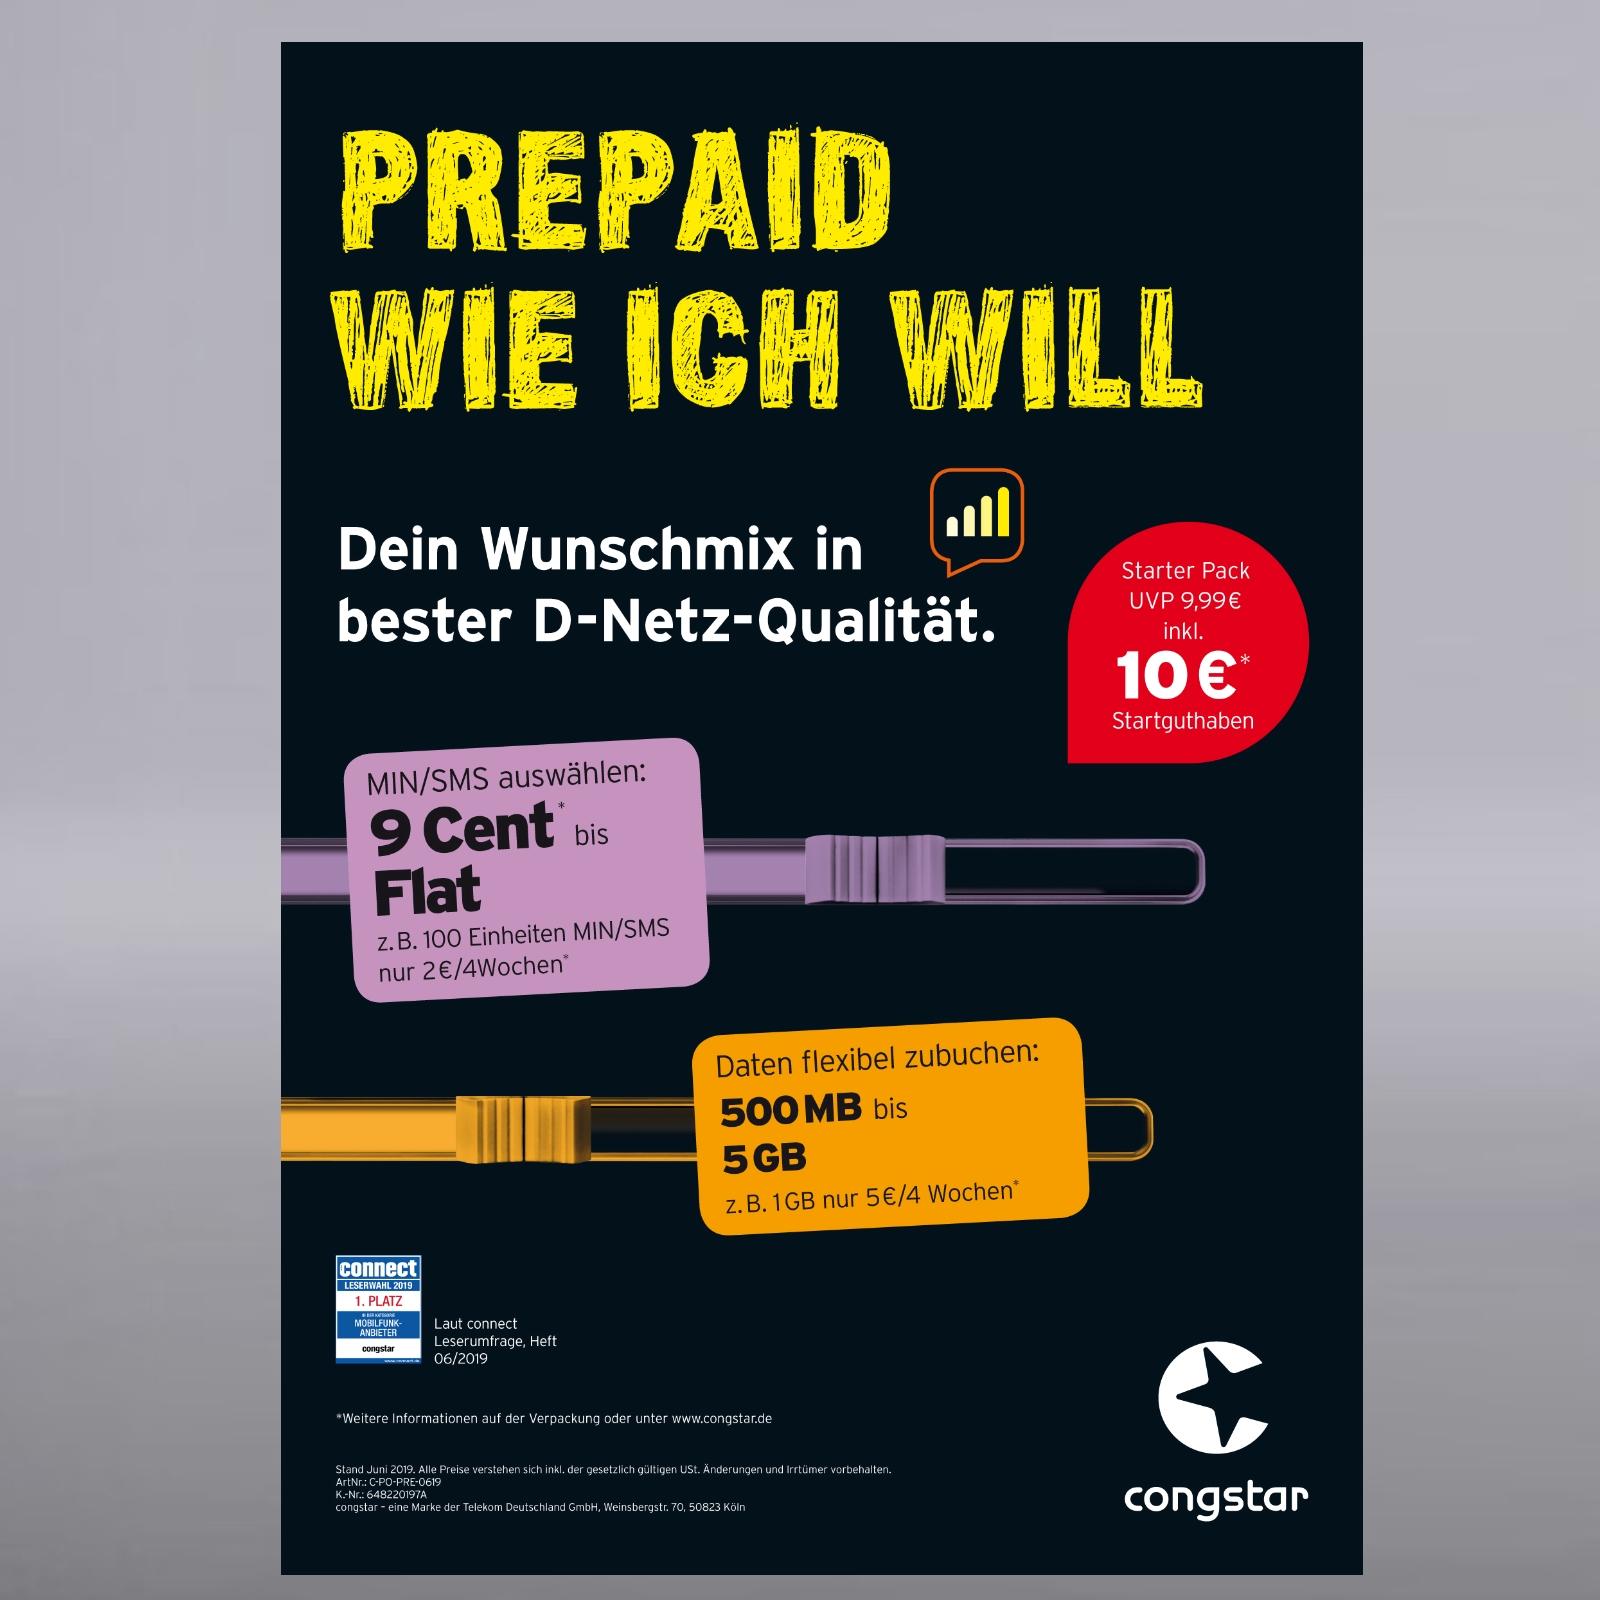 Congstar Prepaid Karte Kaufen.Details Zu Congstar Prepaid Handy Sim Karte 10 Guthaben T Mobile D1 Netz T Com Xtra Card